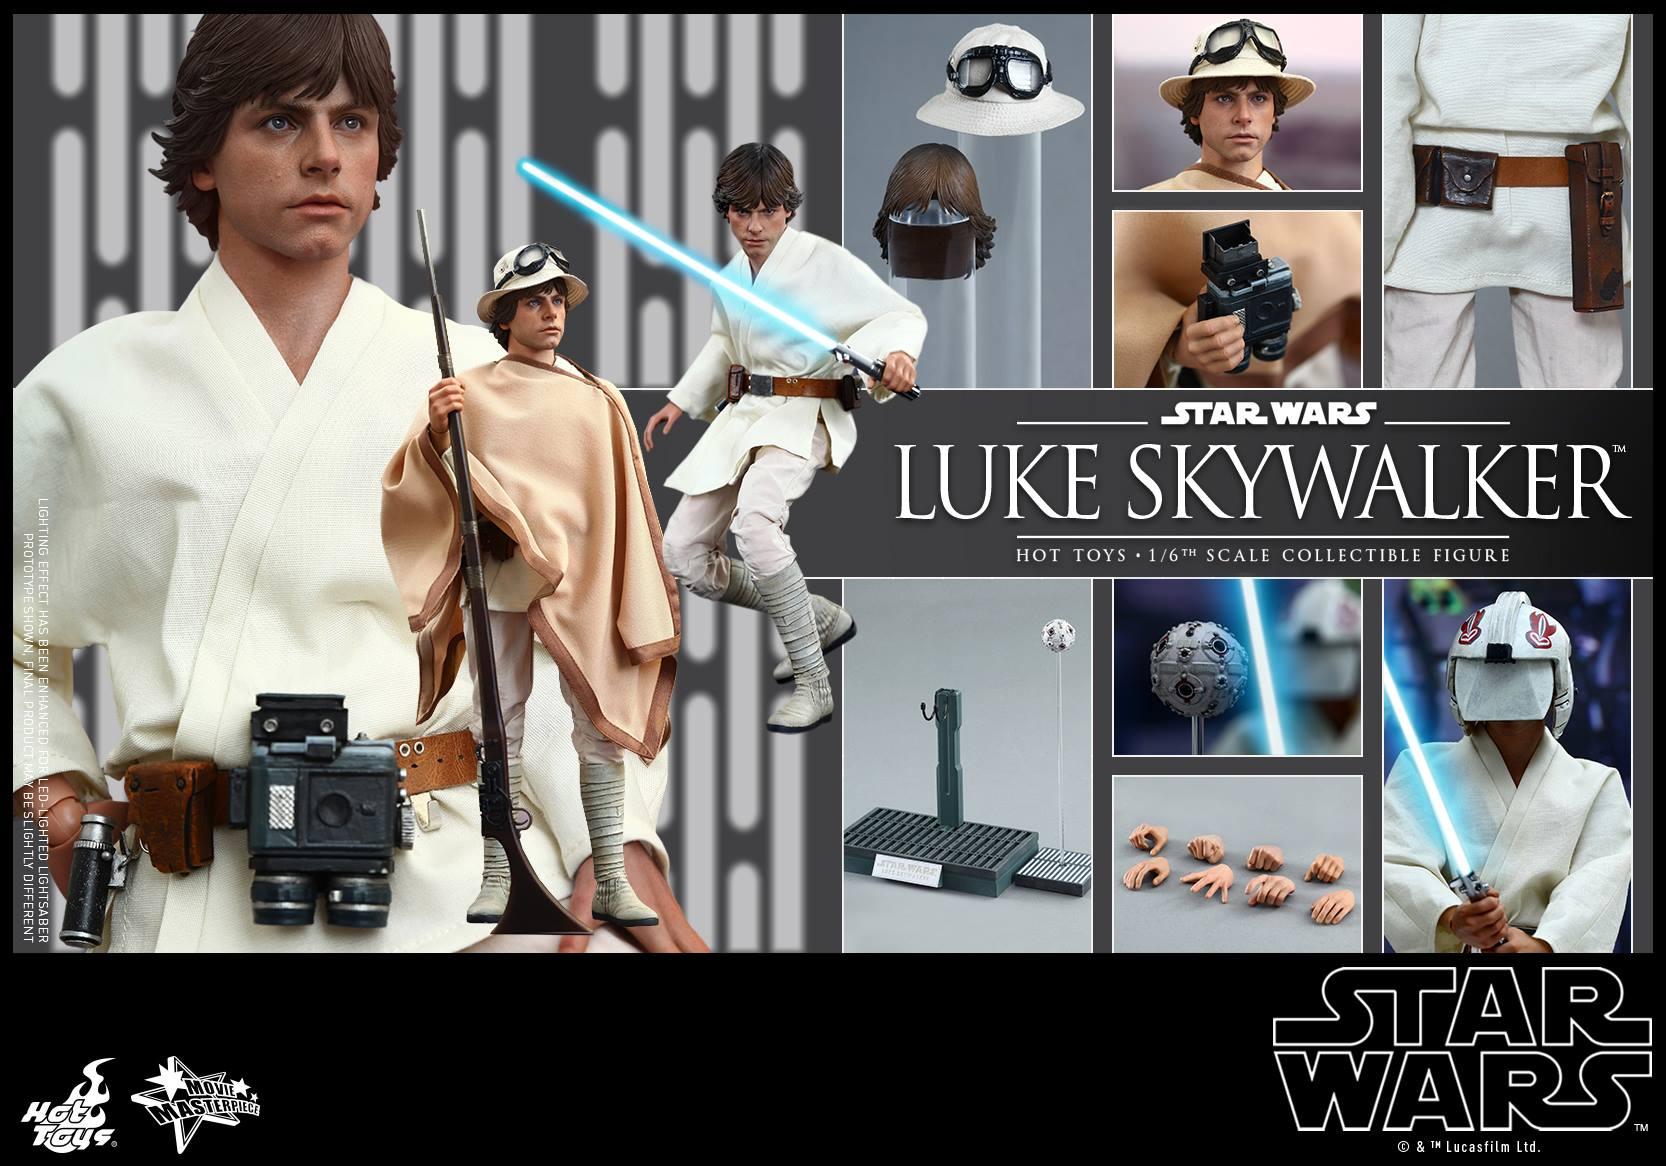 HOT TOYS - Star Wars: Episode IV A New Hope - Luke Skywalker 937531115